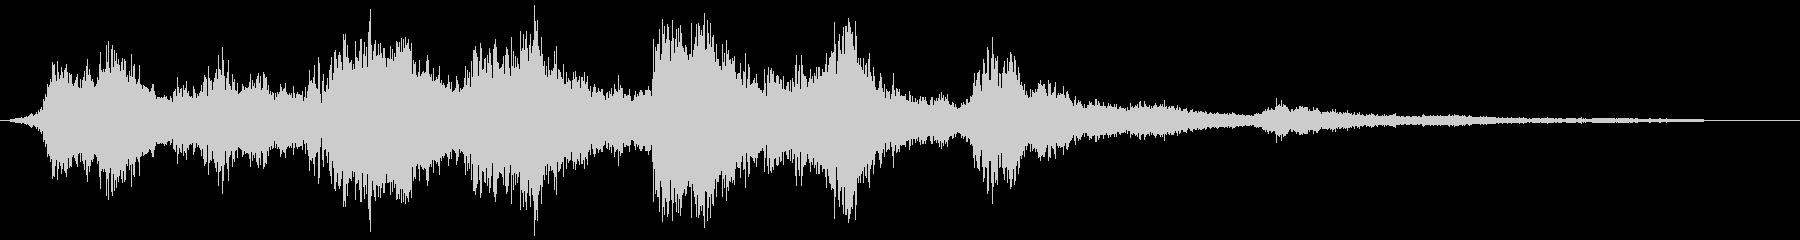 【ダーク】サウンドスケイプ_01 闇の未再生の波形